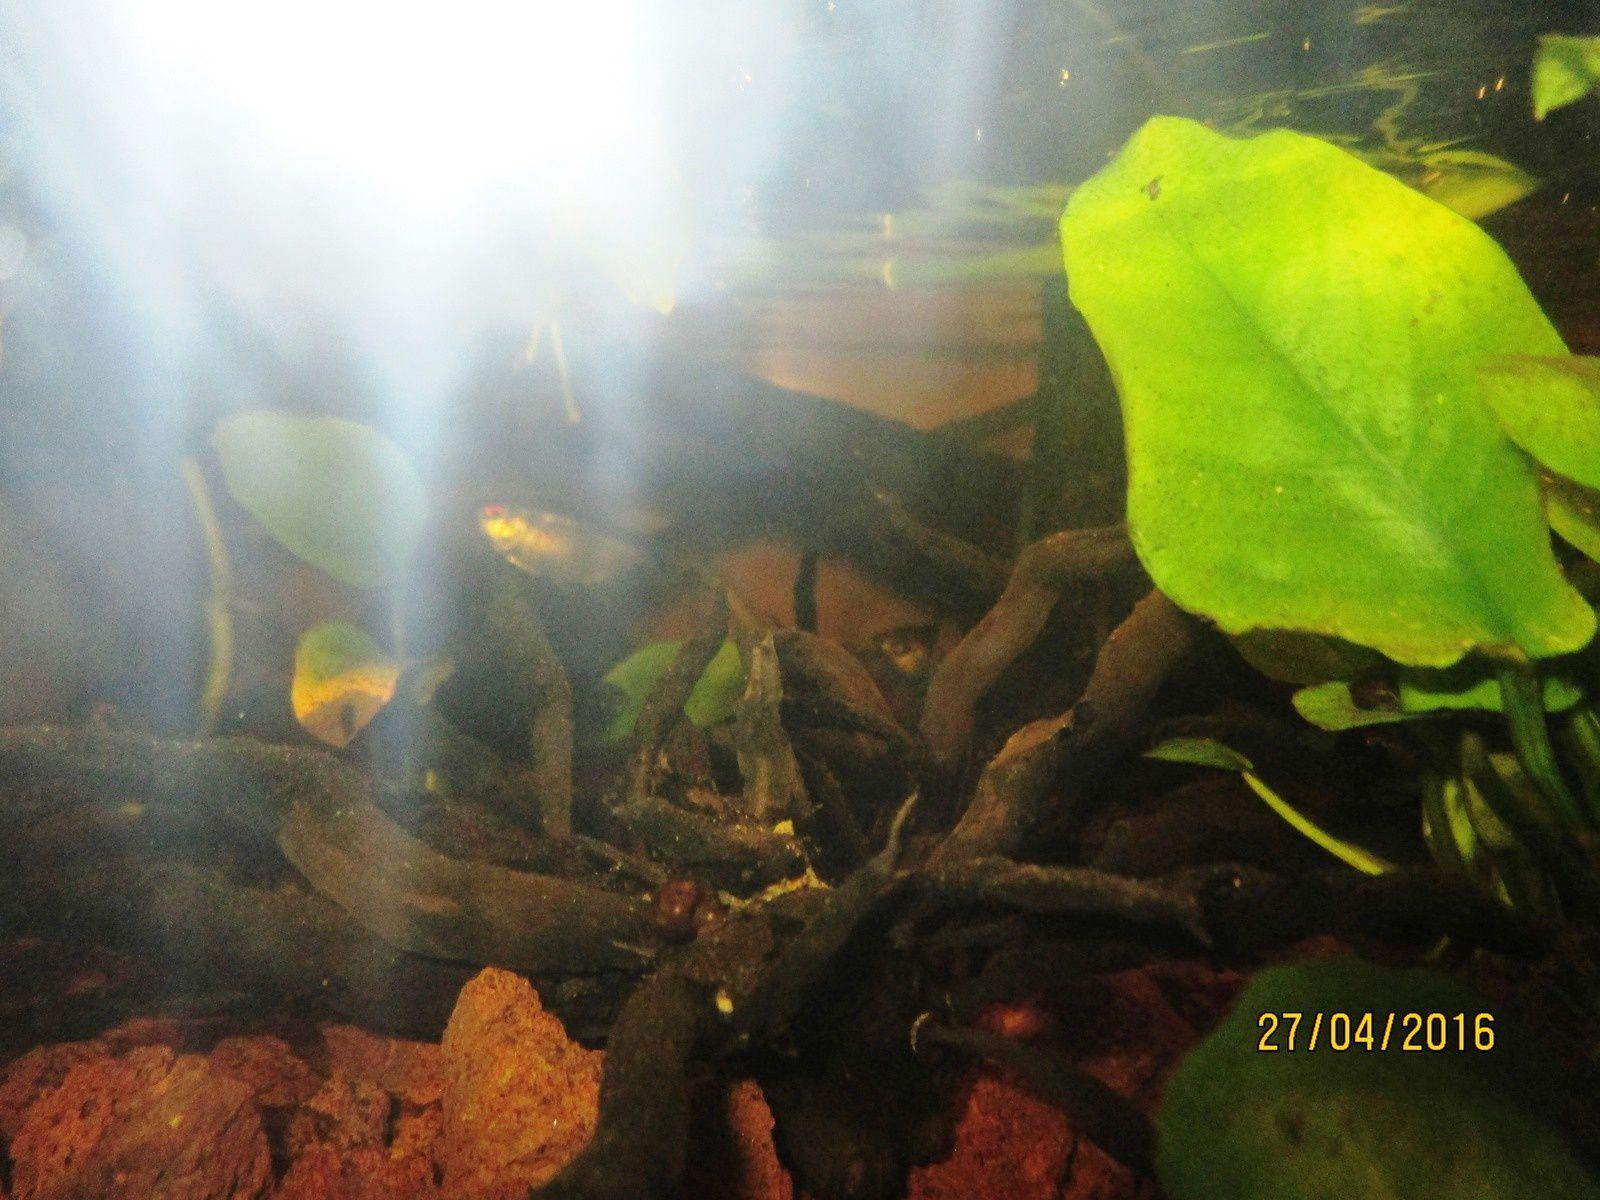 petits Corydoras paleatus, Moenkhausia sanctaefilomenae sous les racines&#x3B;Corydoras aeneus et Planorbis corneus&#x3B; Lemna minor, Pistia stratiotes et Salivinia natans a la surface d'un aquarium&#x3B; Tanichthys sp. et Endler's tiger gris&#x3B; aquaterrarium planté